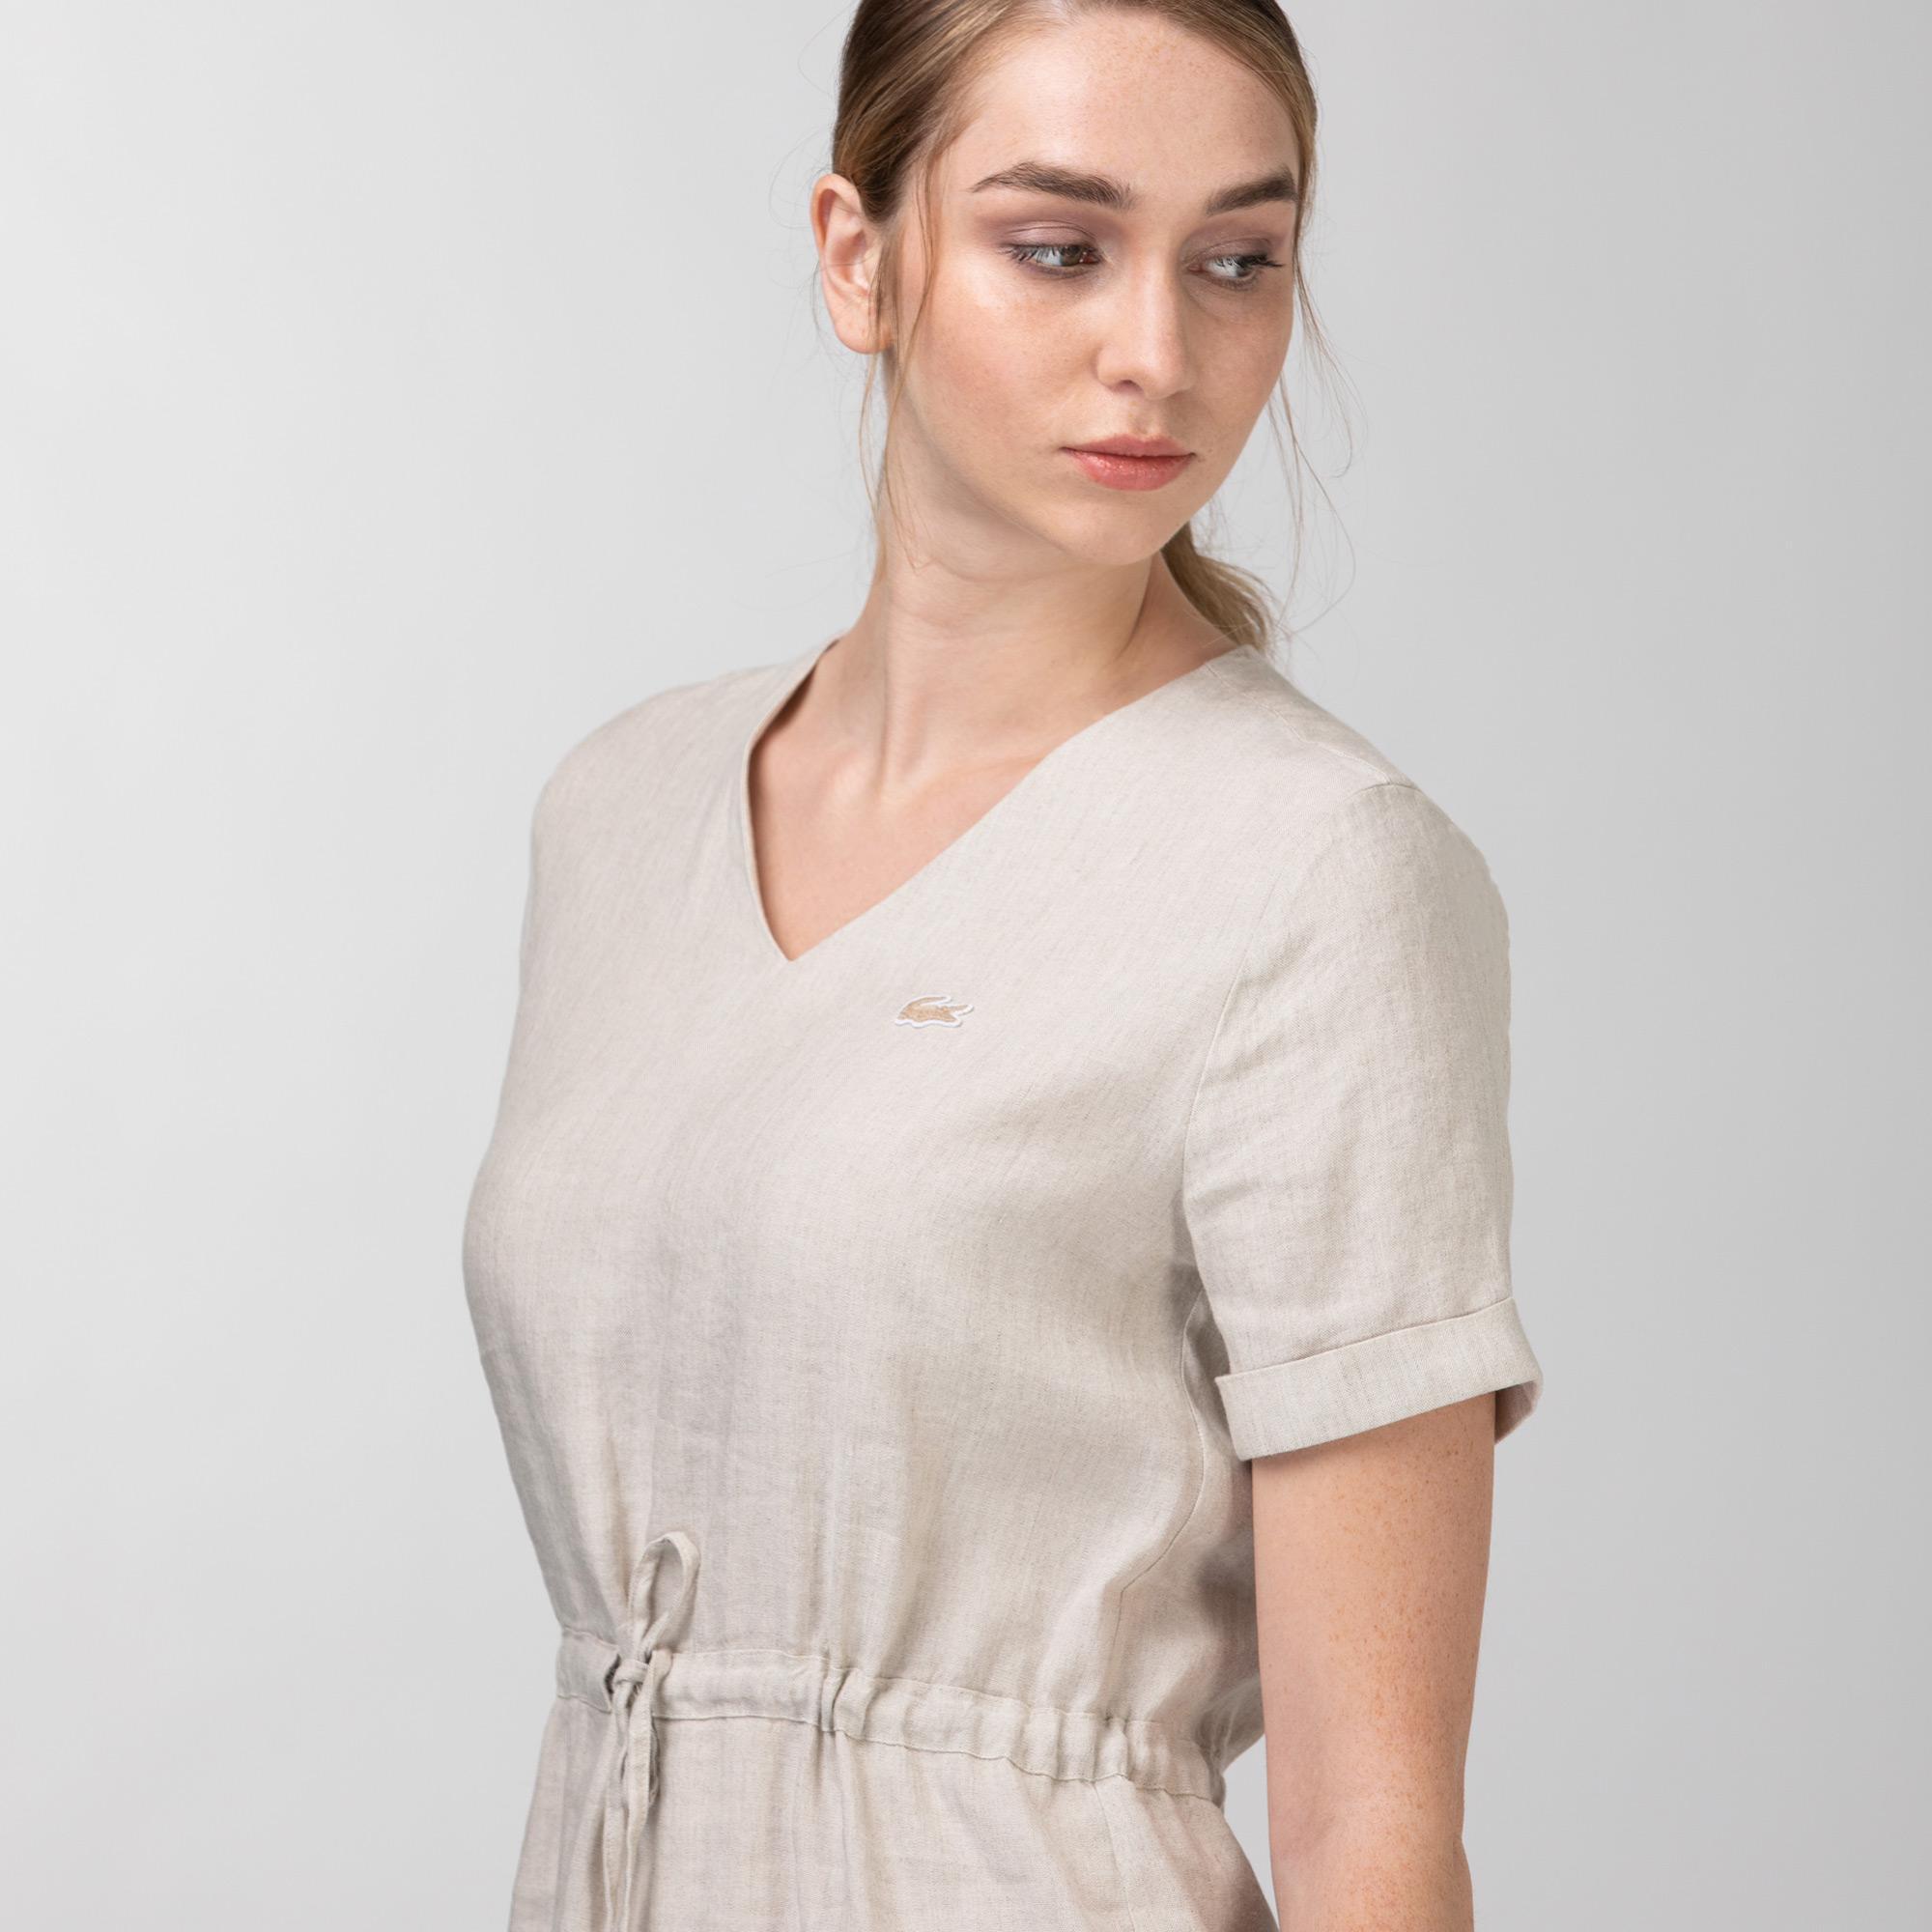 Lacoste Kadın Kısa Kollu V Yaka Bej Elbise